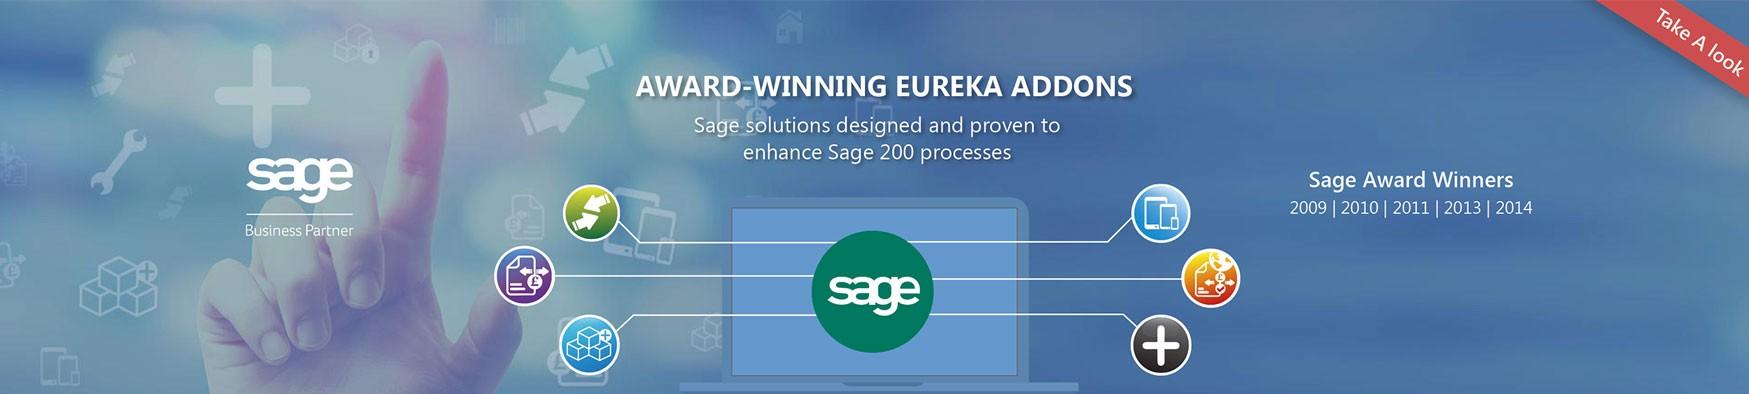 Eureka Addons for Sage 200